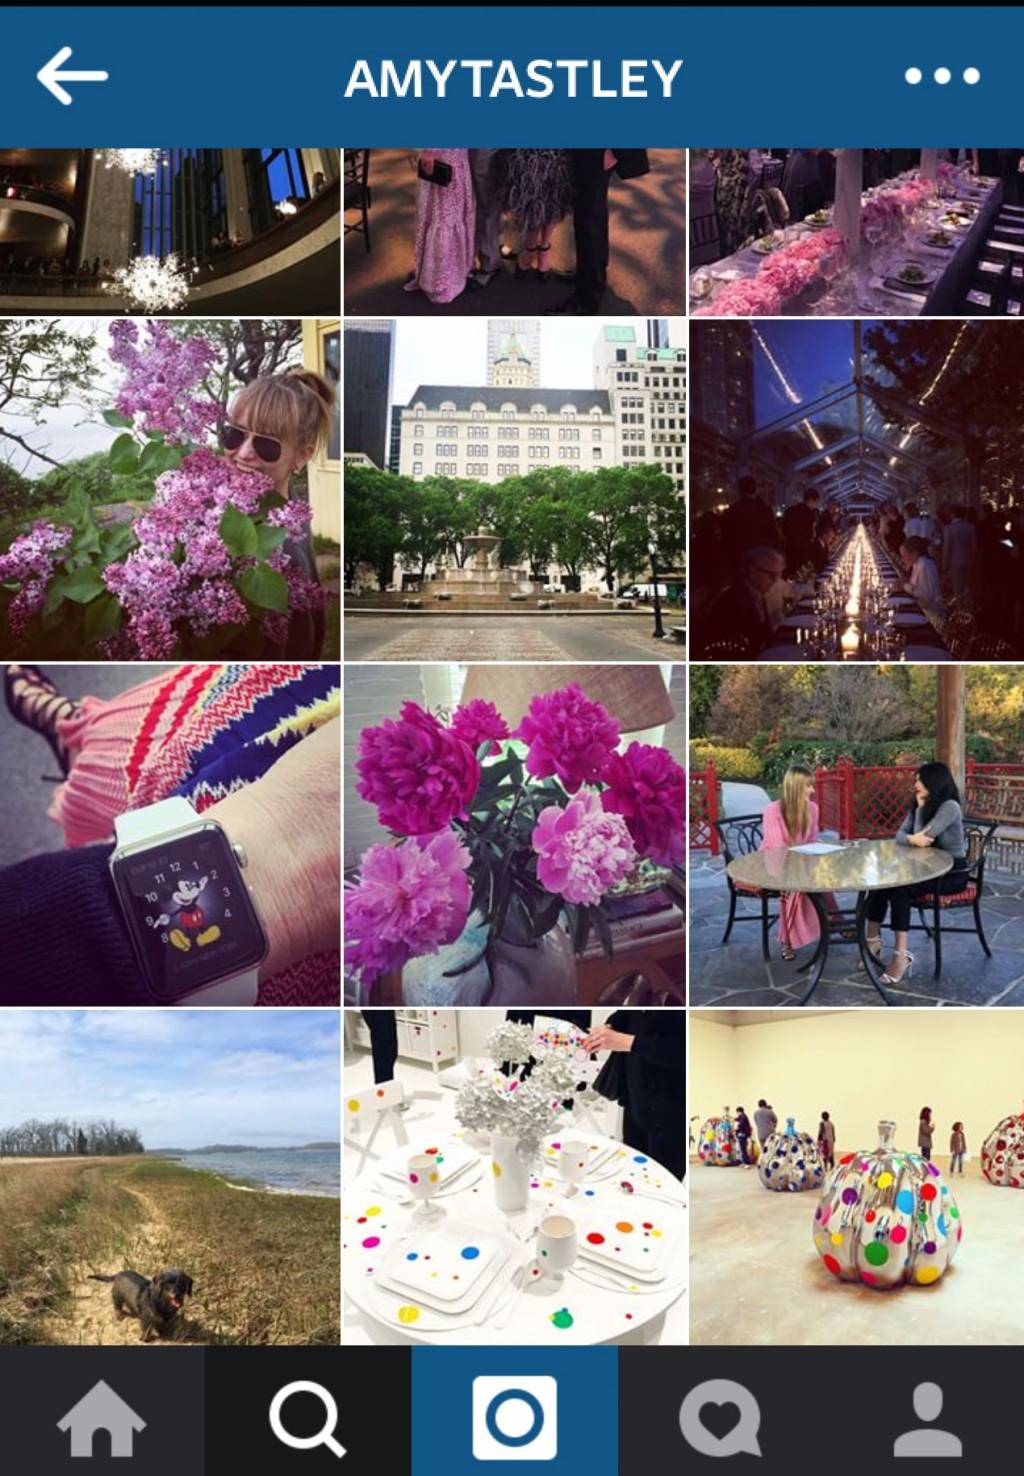 Instagram của Amy Astley có 62.6 ngàn người theo dõi.